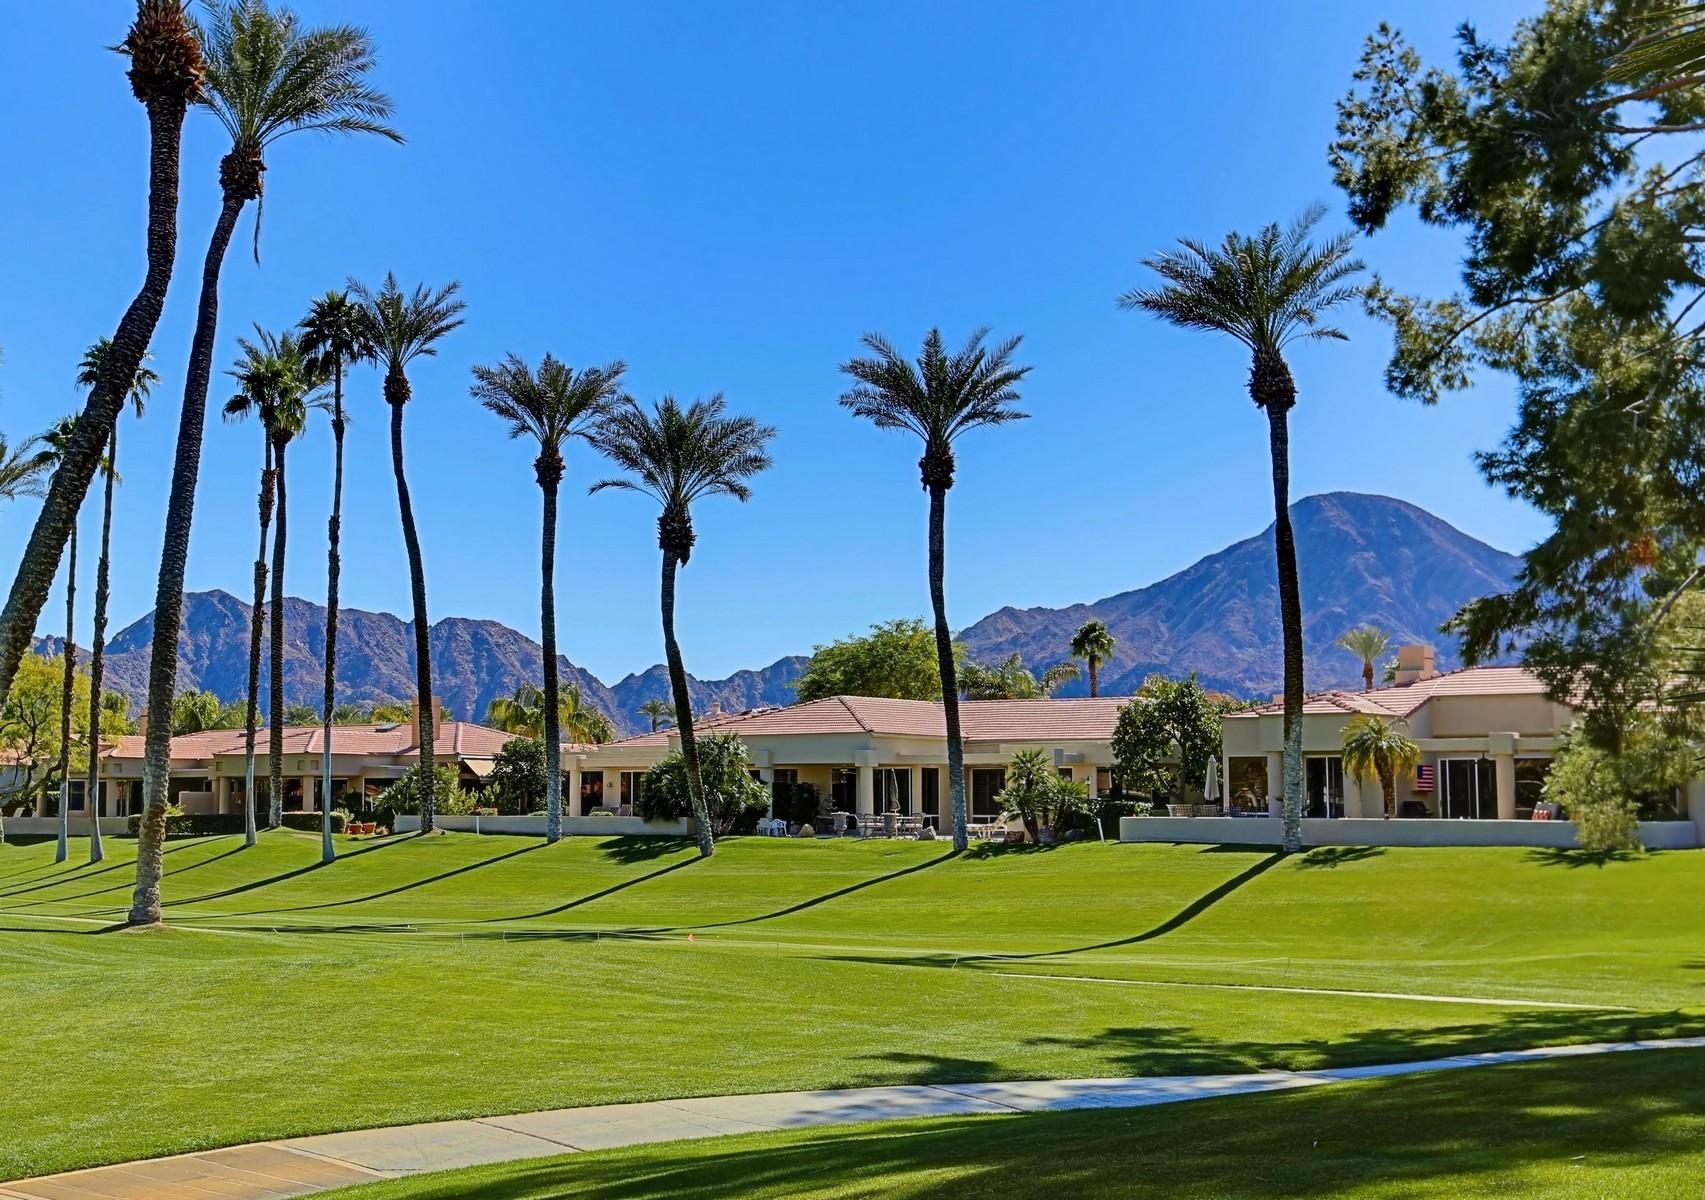 Частный односемейный дом для того Продажа на 75160 Inverness Drive Indian Wells, Калифорния, 92210 Соединенные Штаты